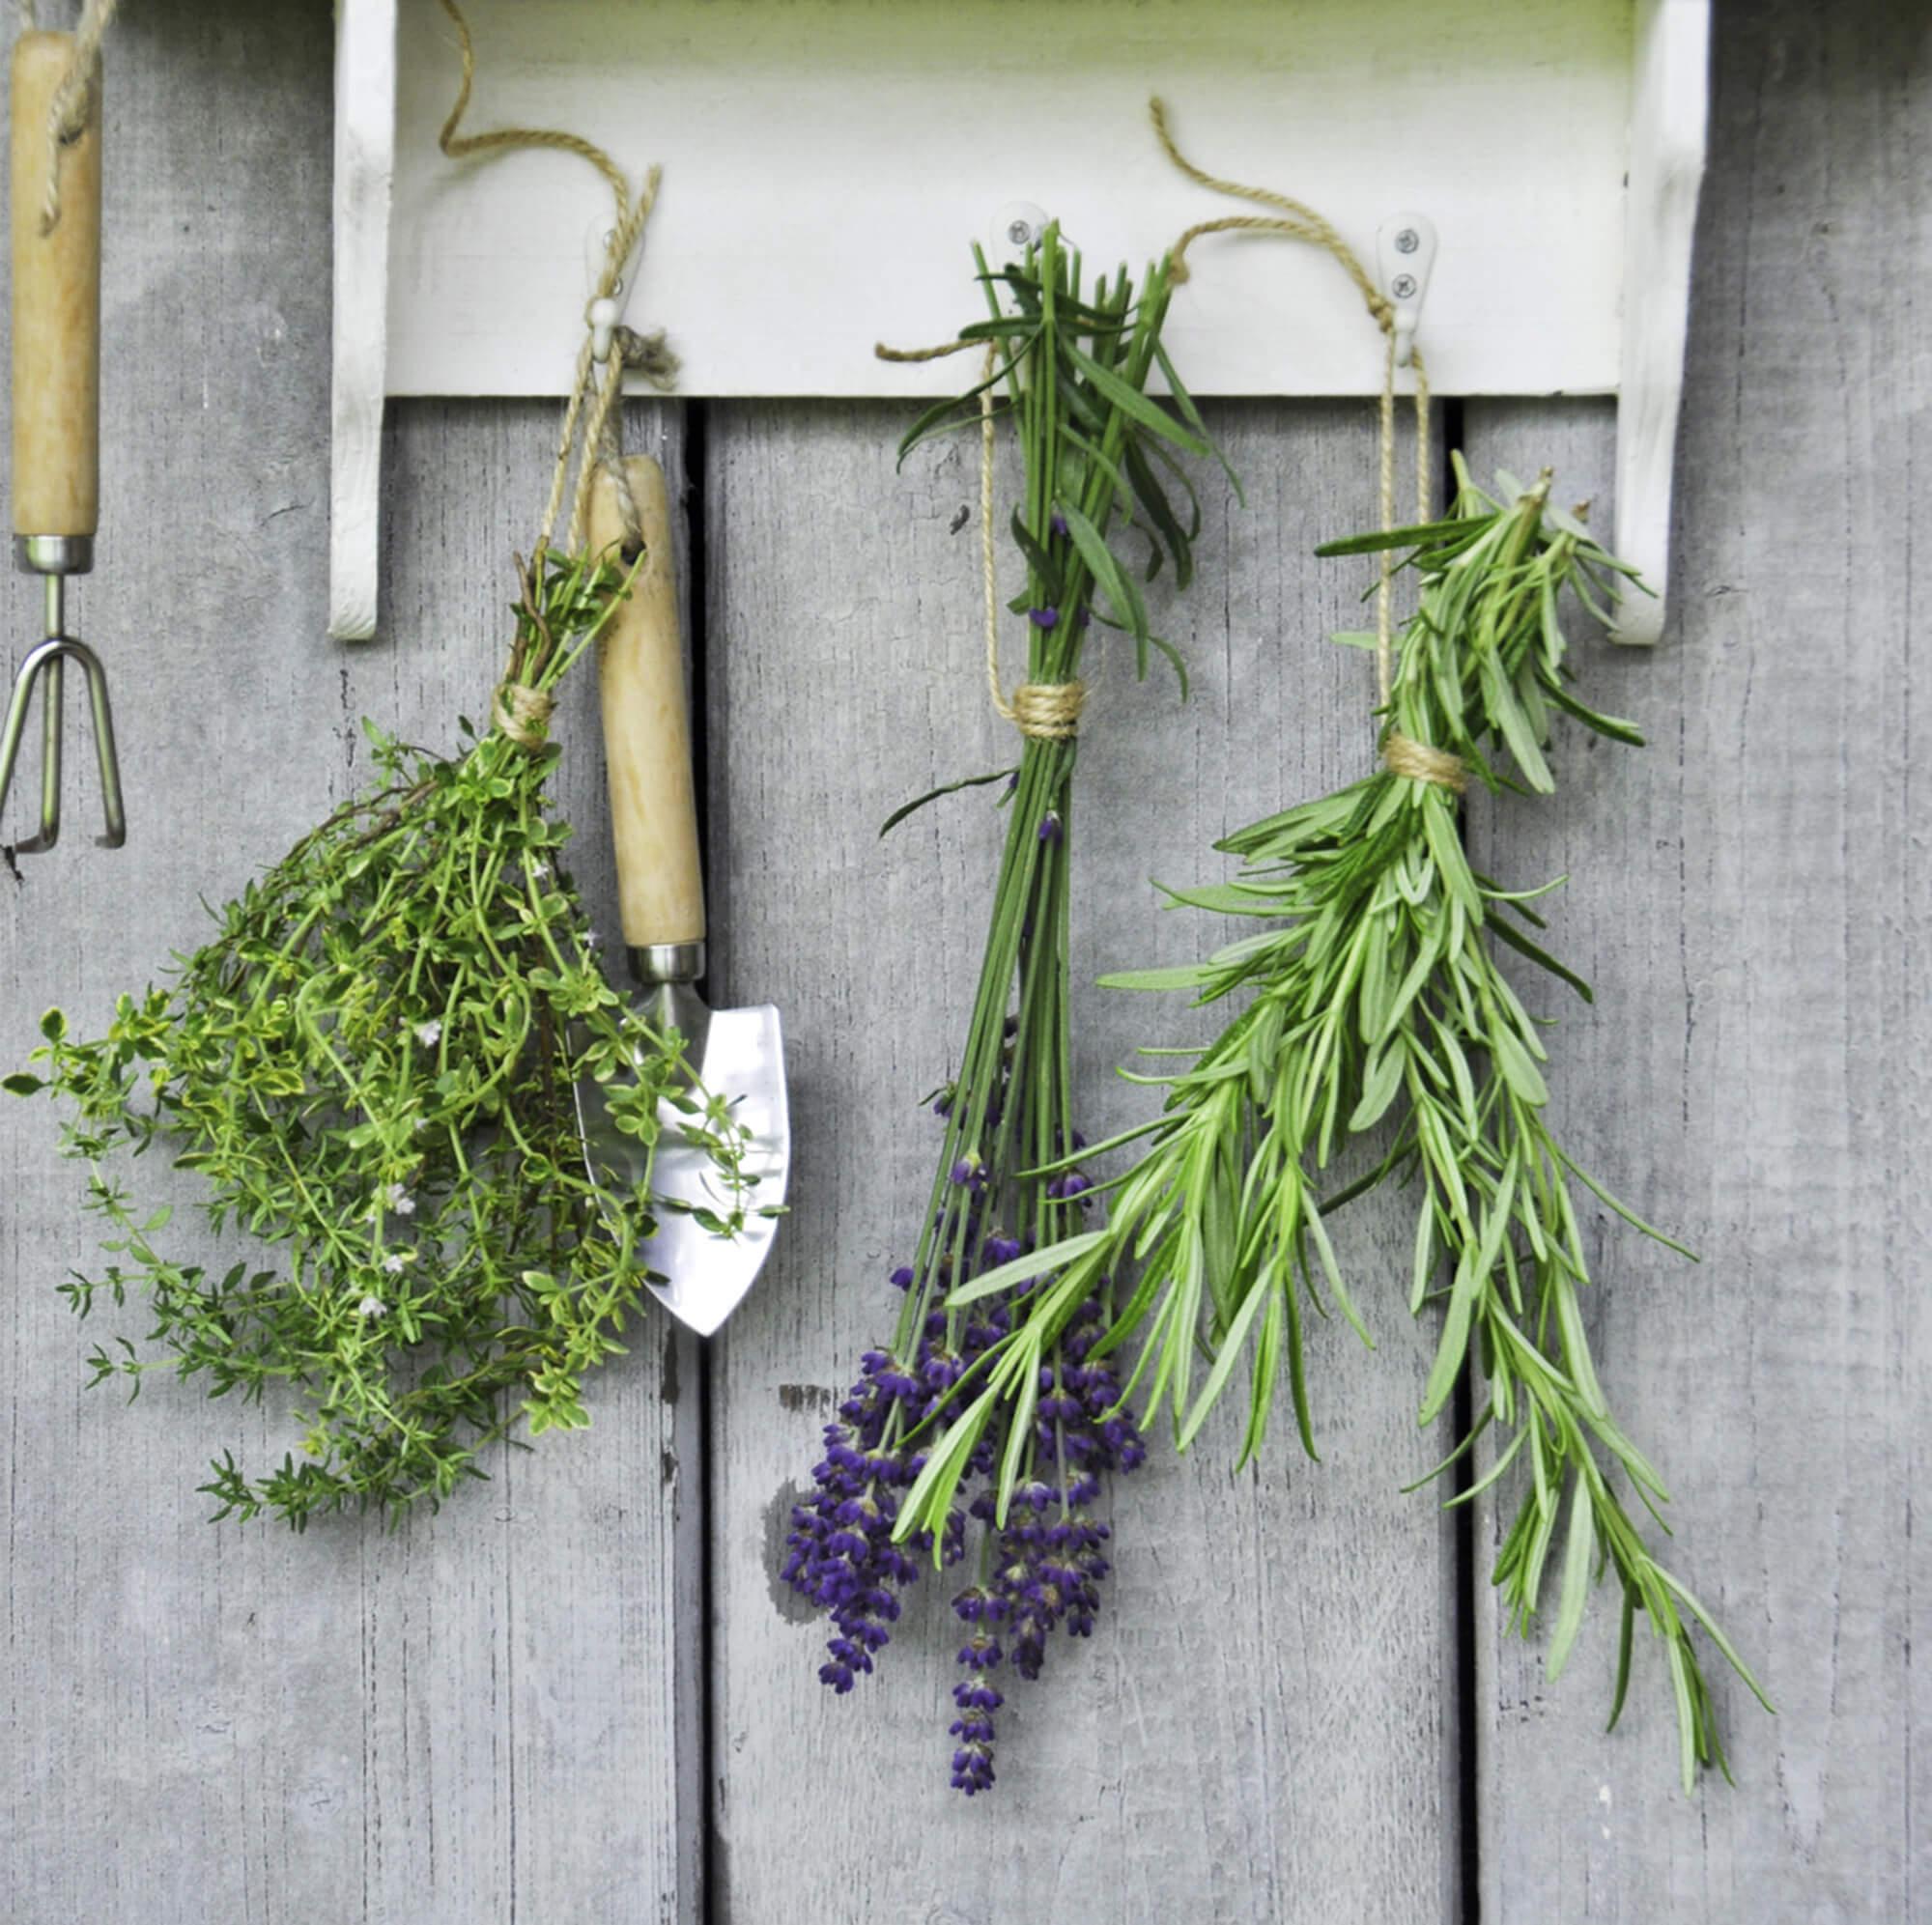 Faire sécher des herbes aromatiques